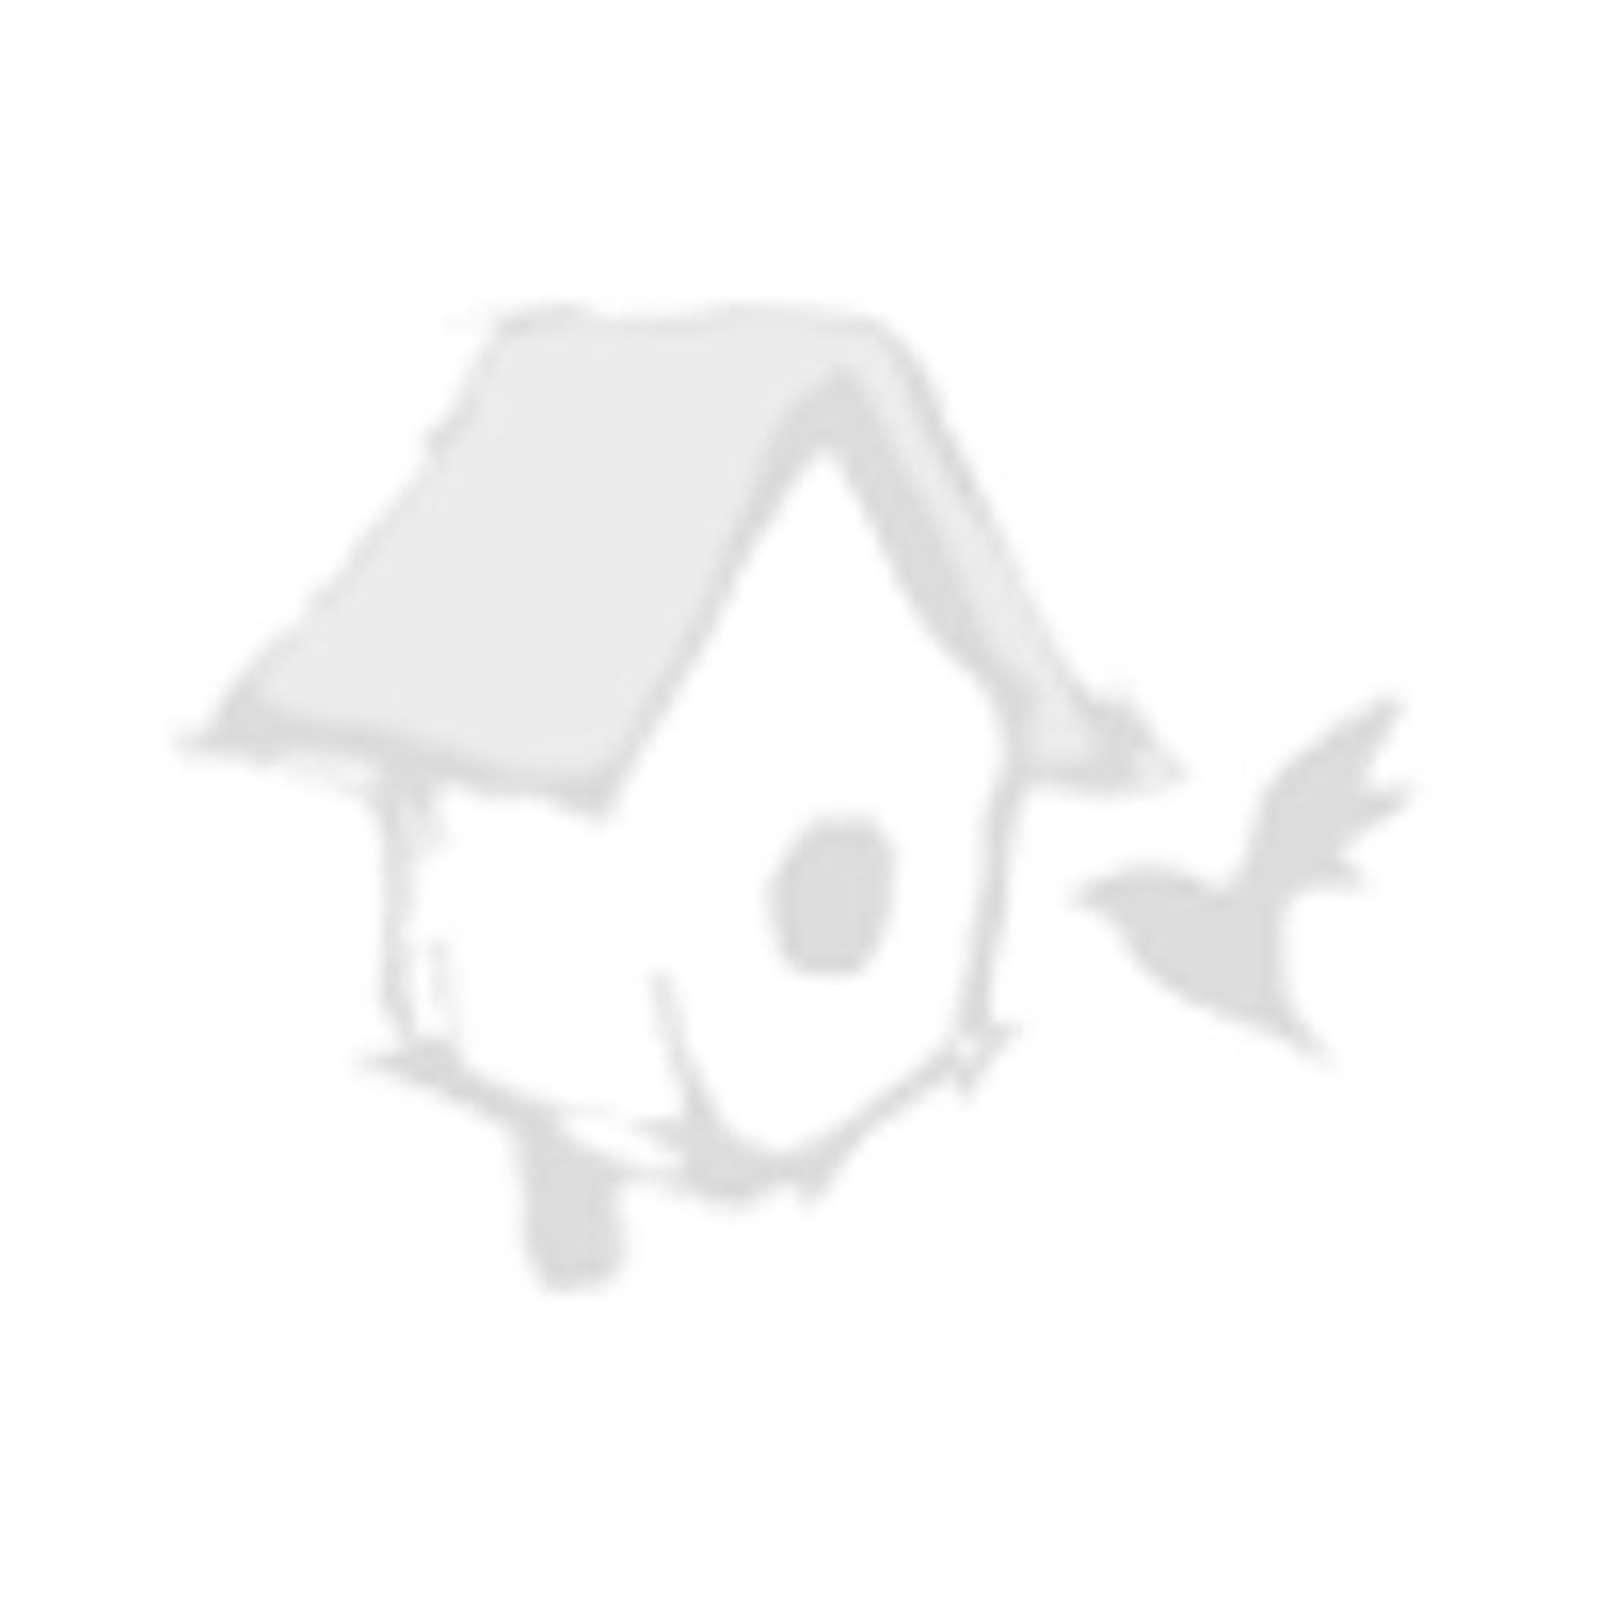 Полотно дверное глухое Орта СИНЕРЖИ акация светлая ПВХ, ПДГ 700х2000мм